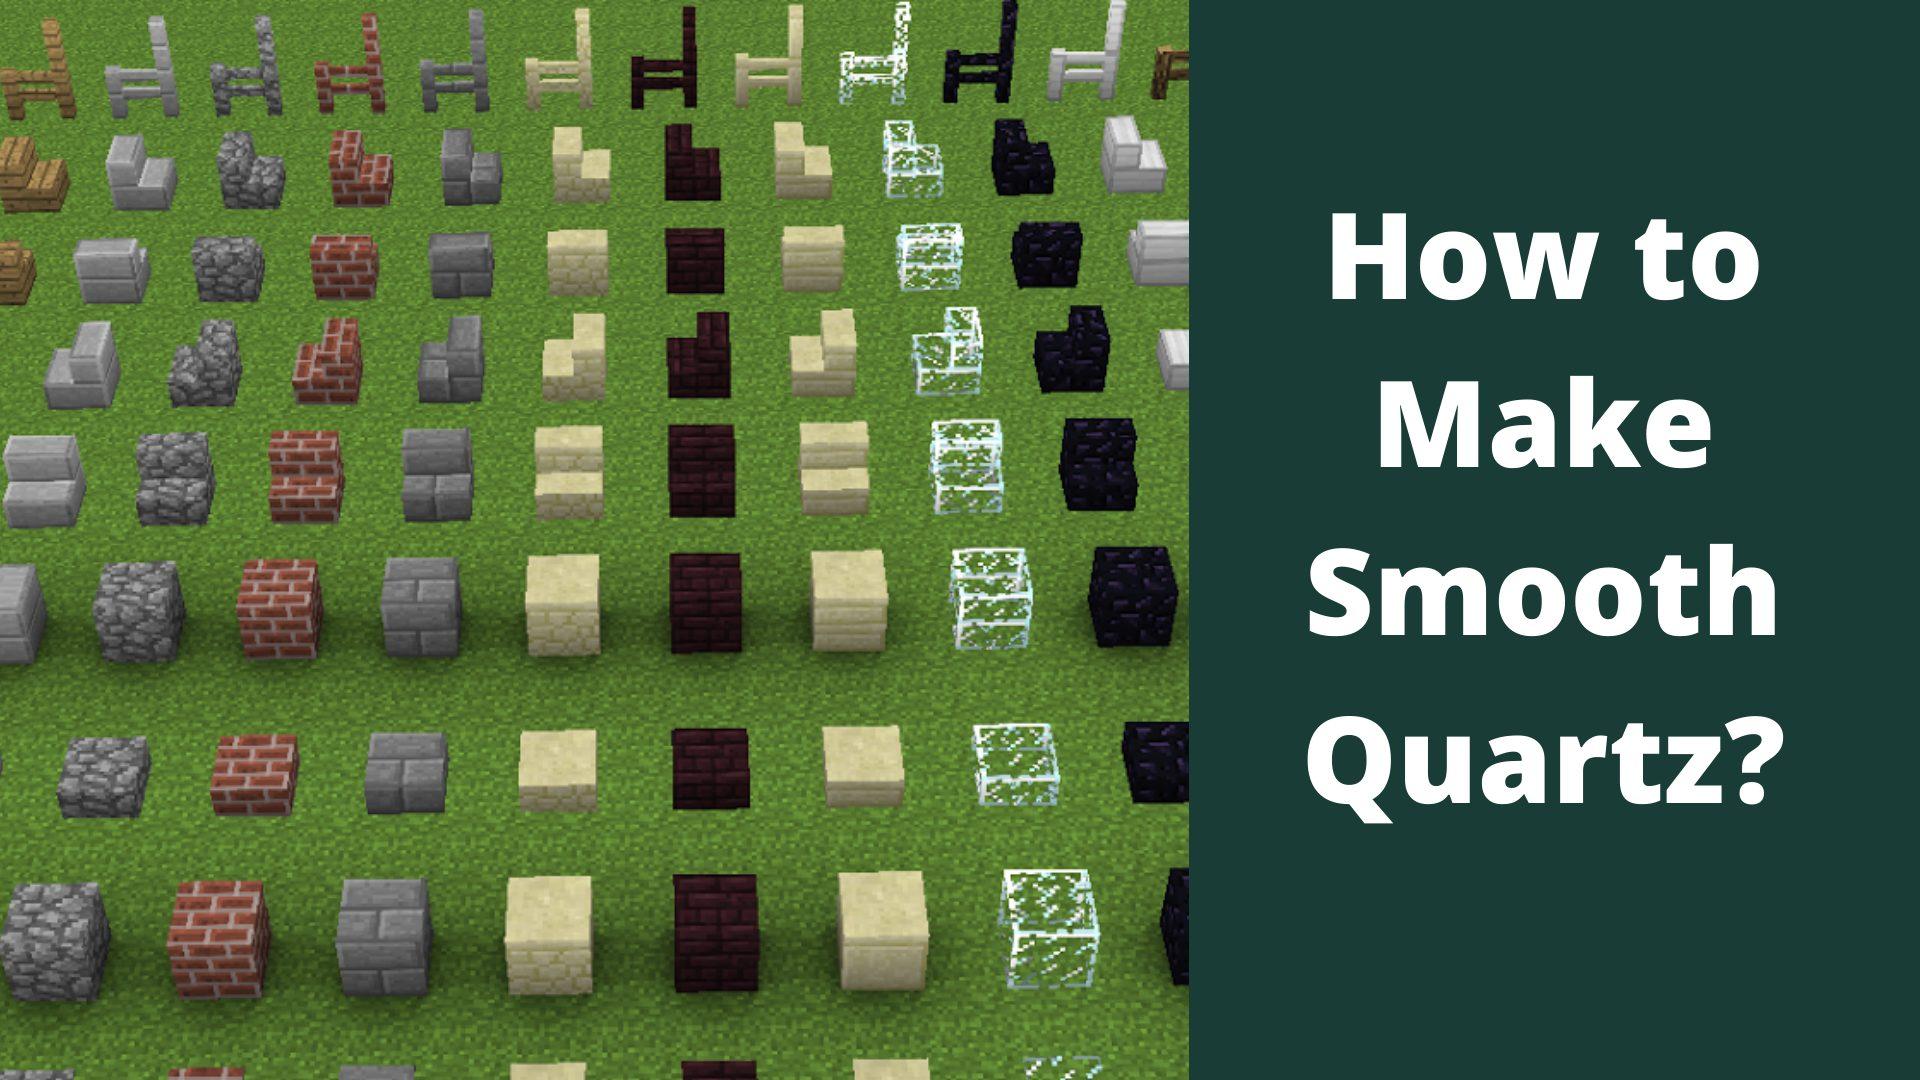 How to make smooth quartz